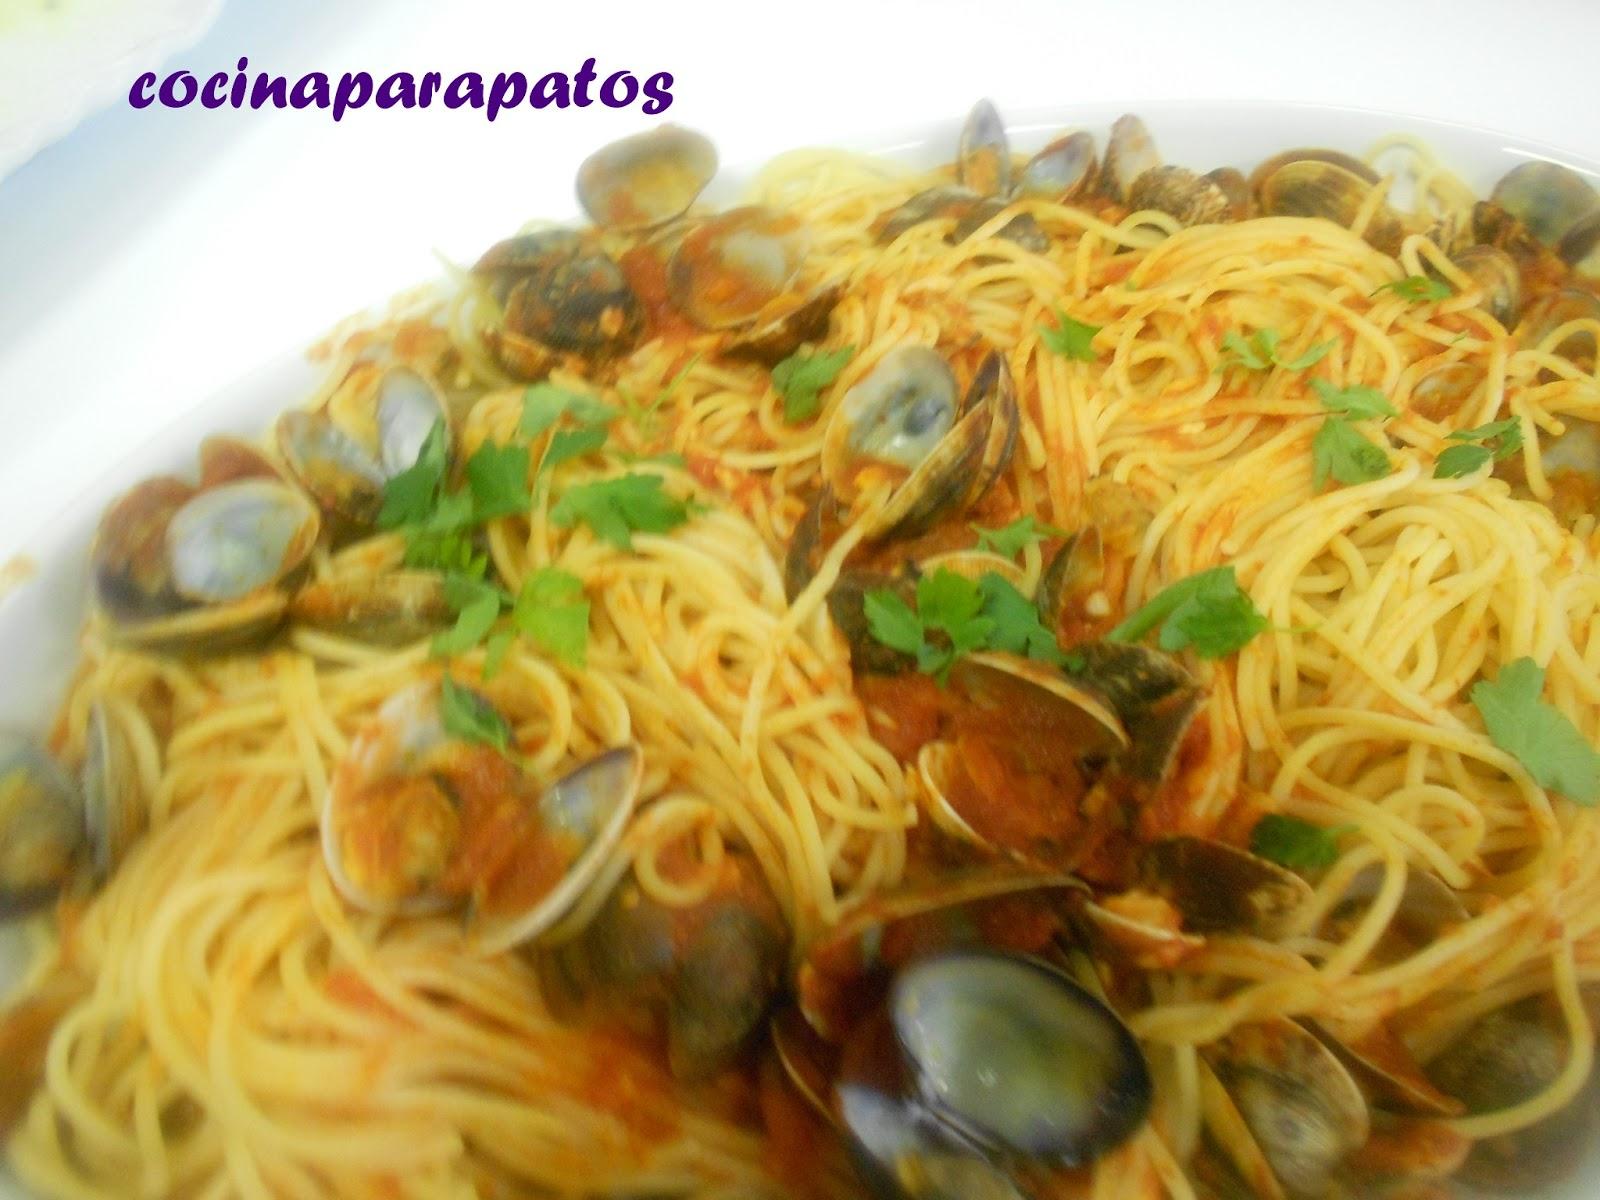 Cocina para patos espaguetis con almejas - Espaguetis con almejas ...